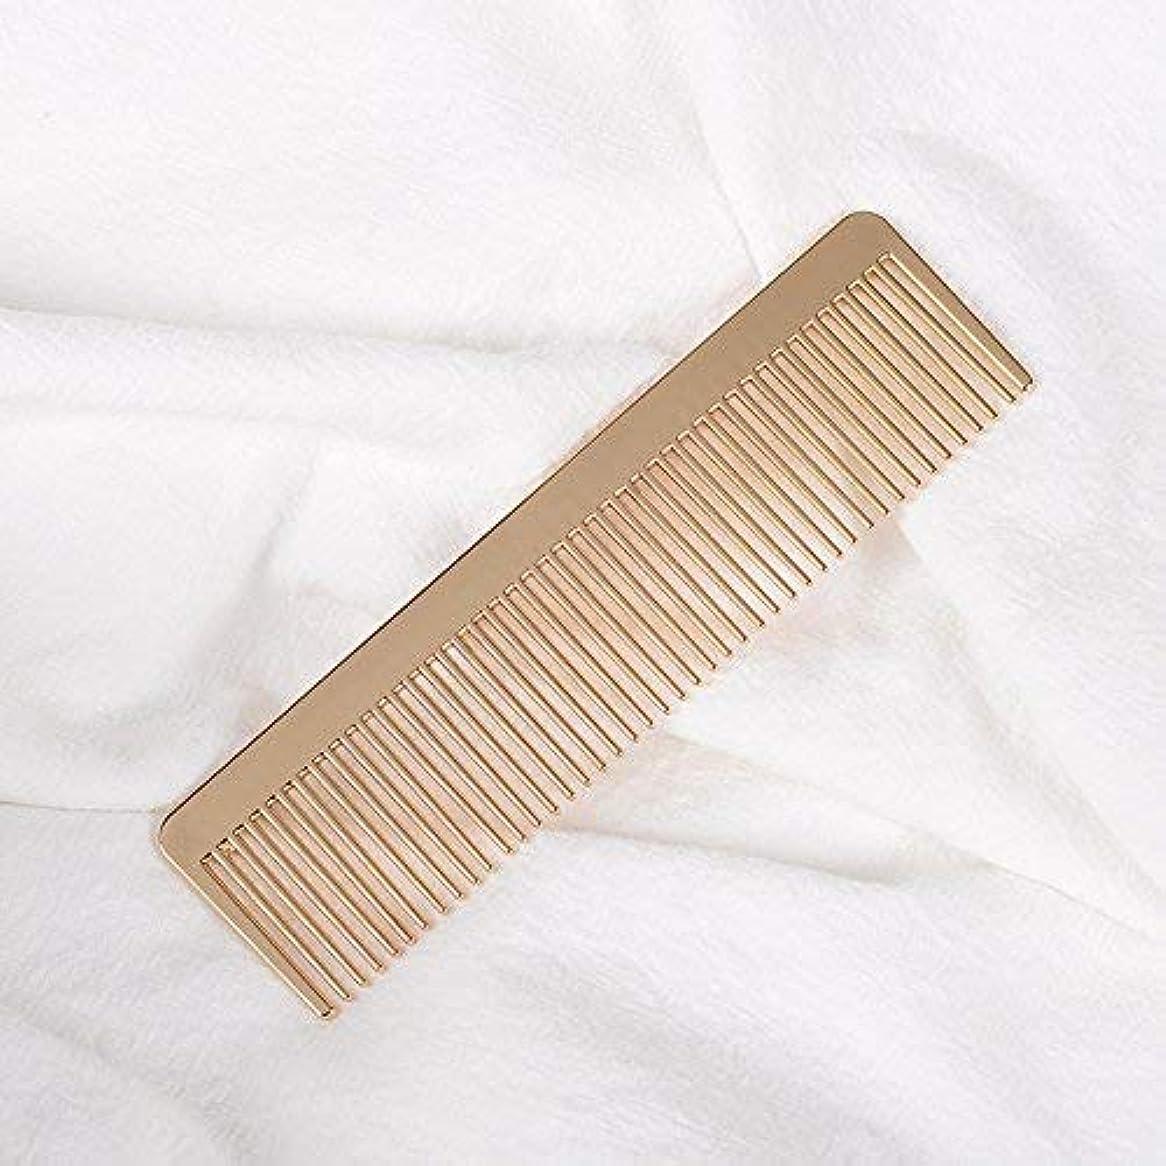 市区町村市区町村アロングGrtdrm Portable Metal Comb, Minimalist Pocket Golden Hair Comb for Women Men Unisex [並行輸入品]